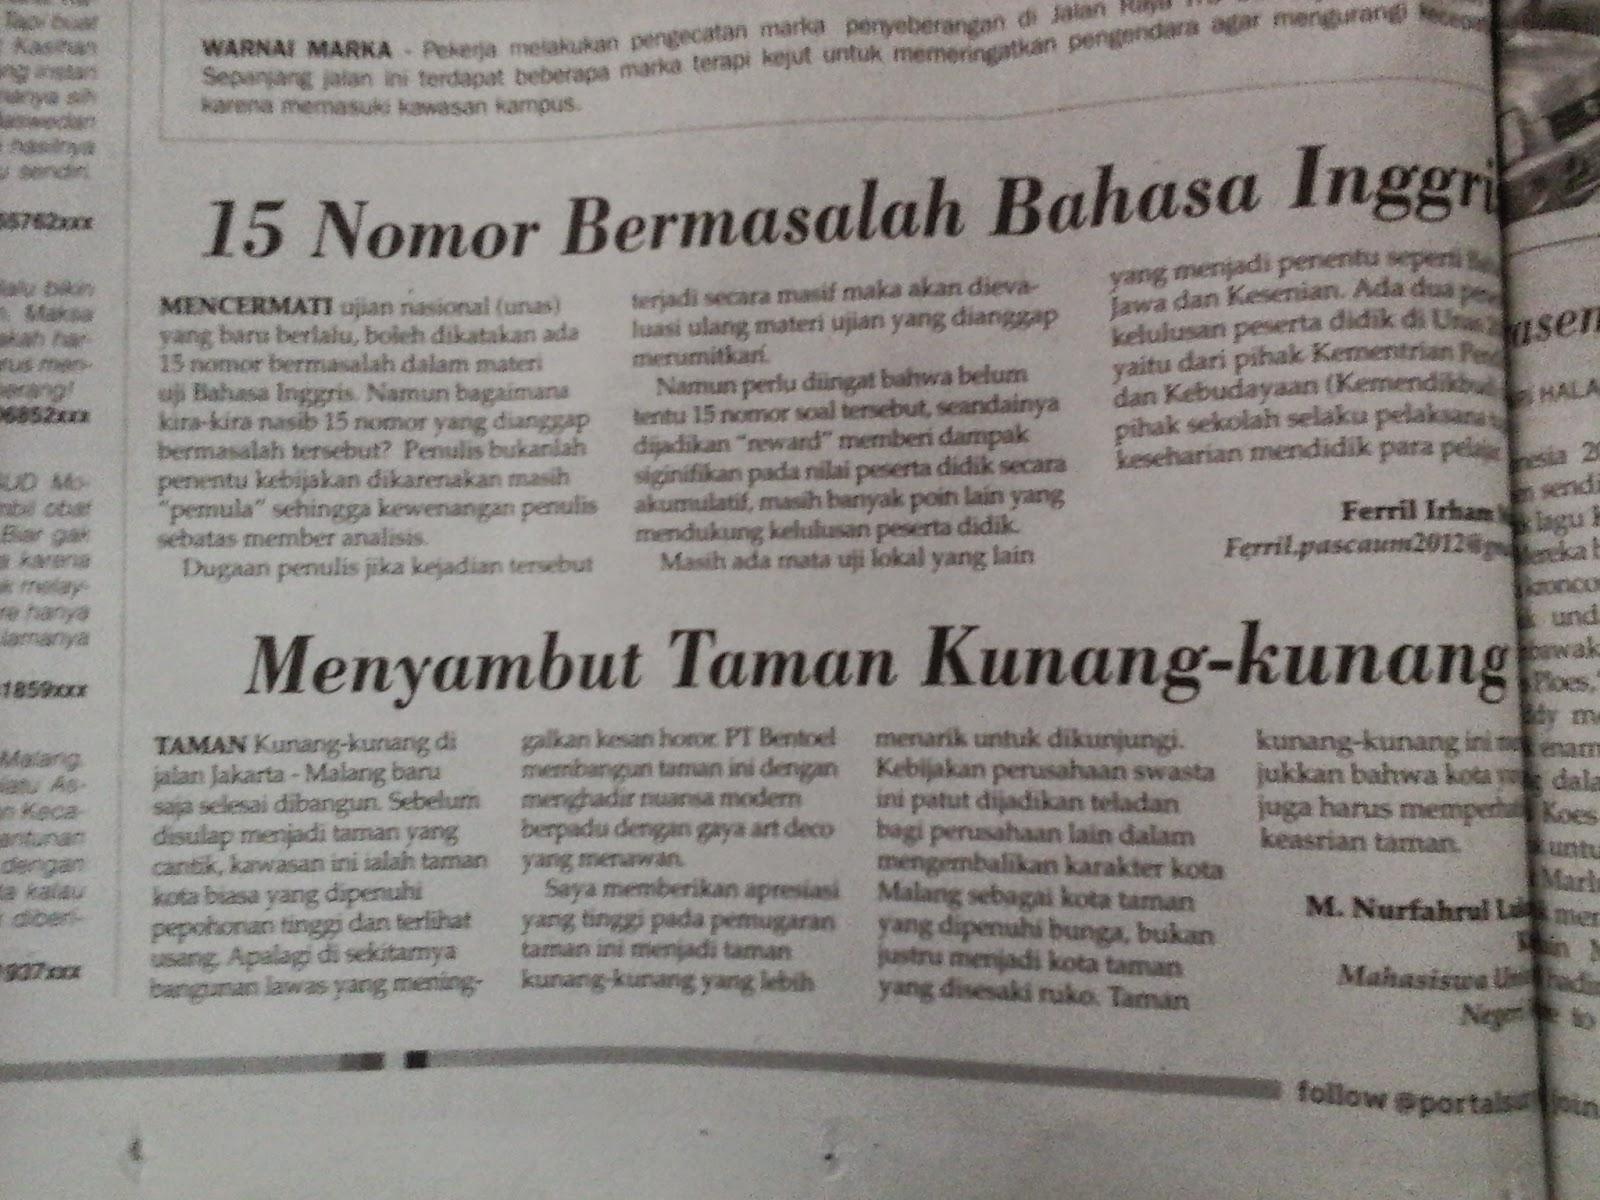 Fahrul Khakim April 2015 Menyambut Taman Kunang Kab Malang